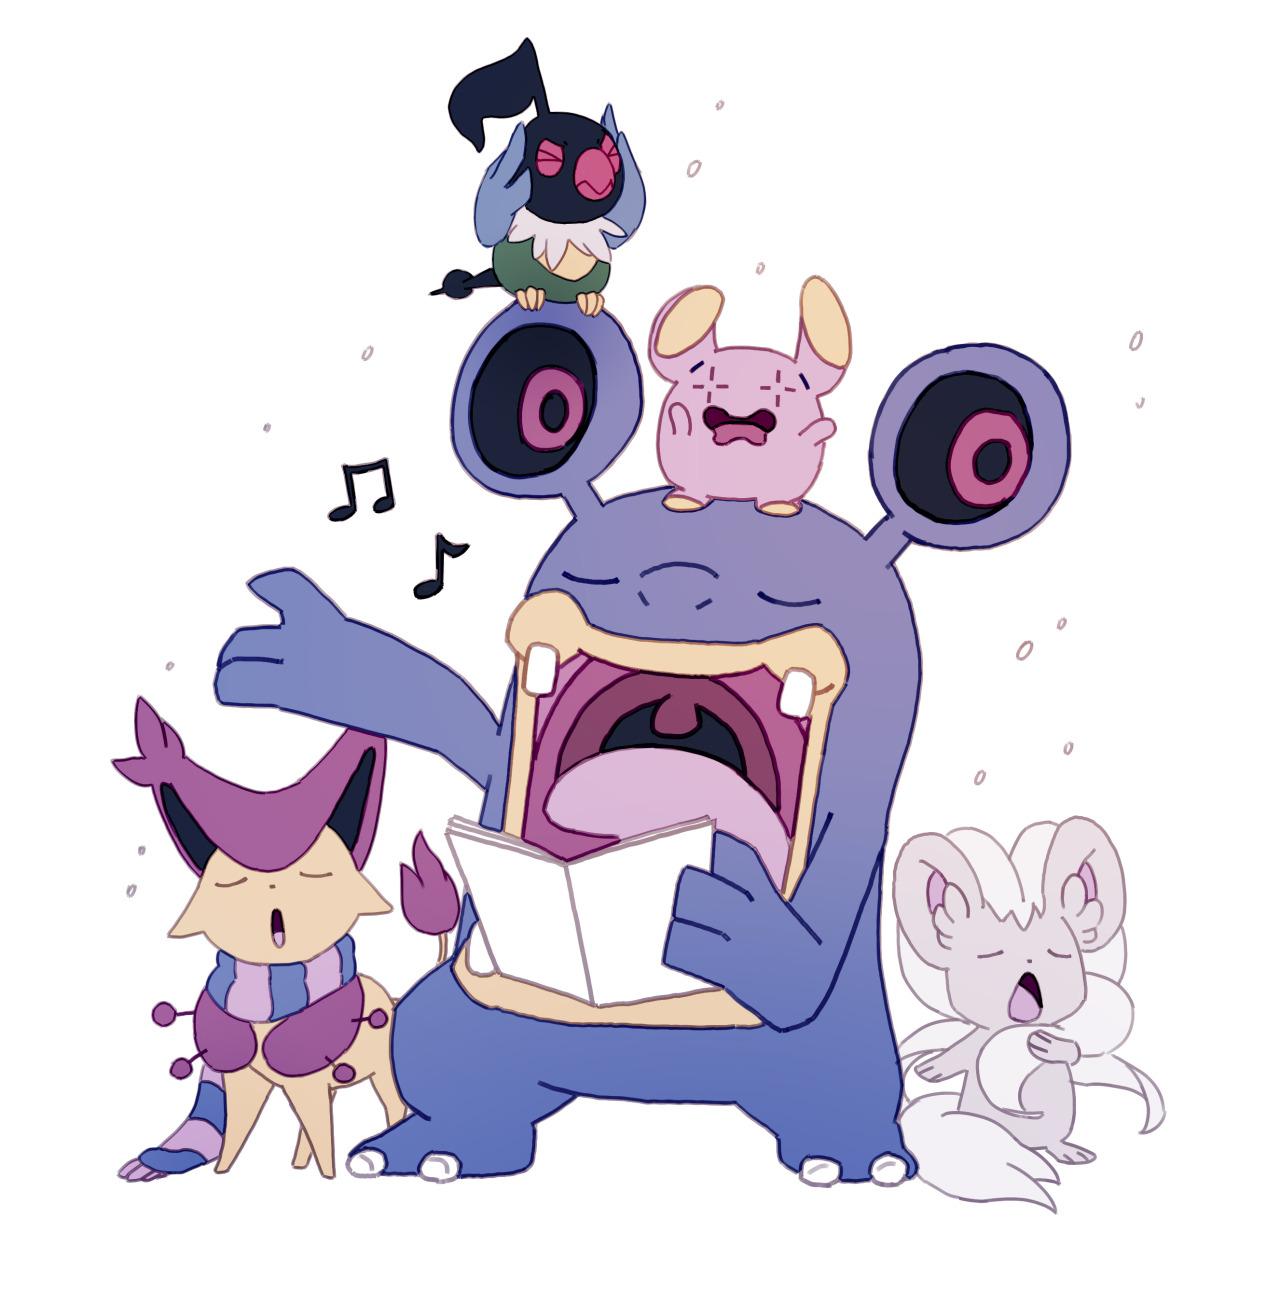 Pokemon Problems (bluekomadori: Silly xmas/winter pokemon doodles).